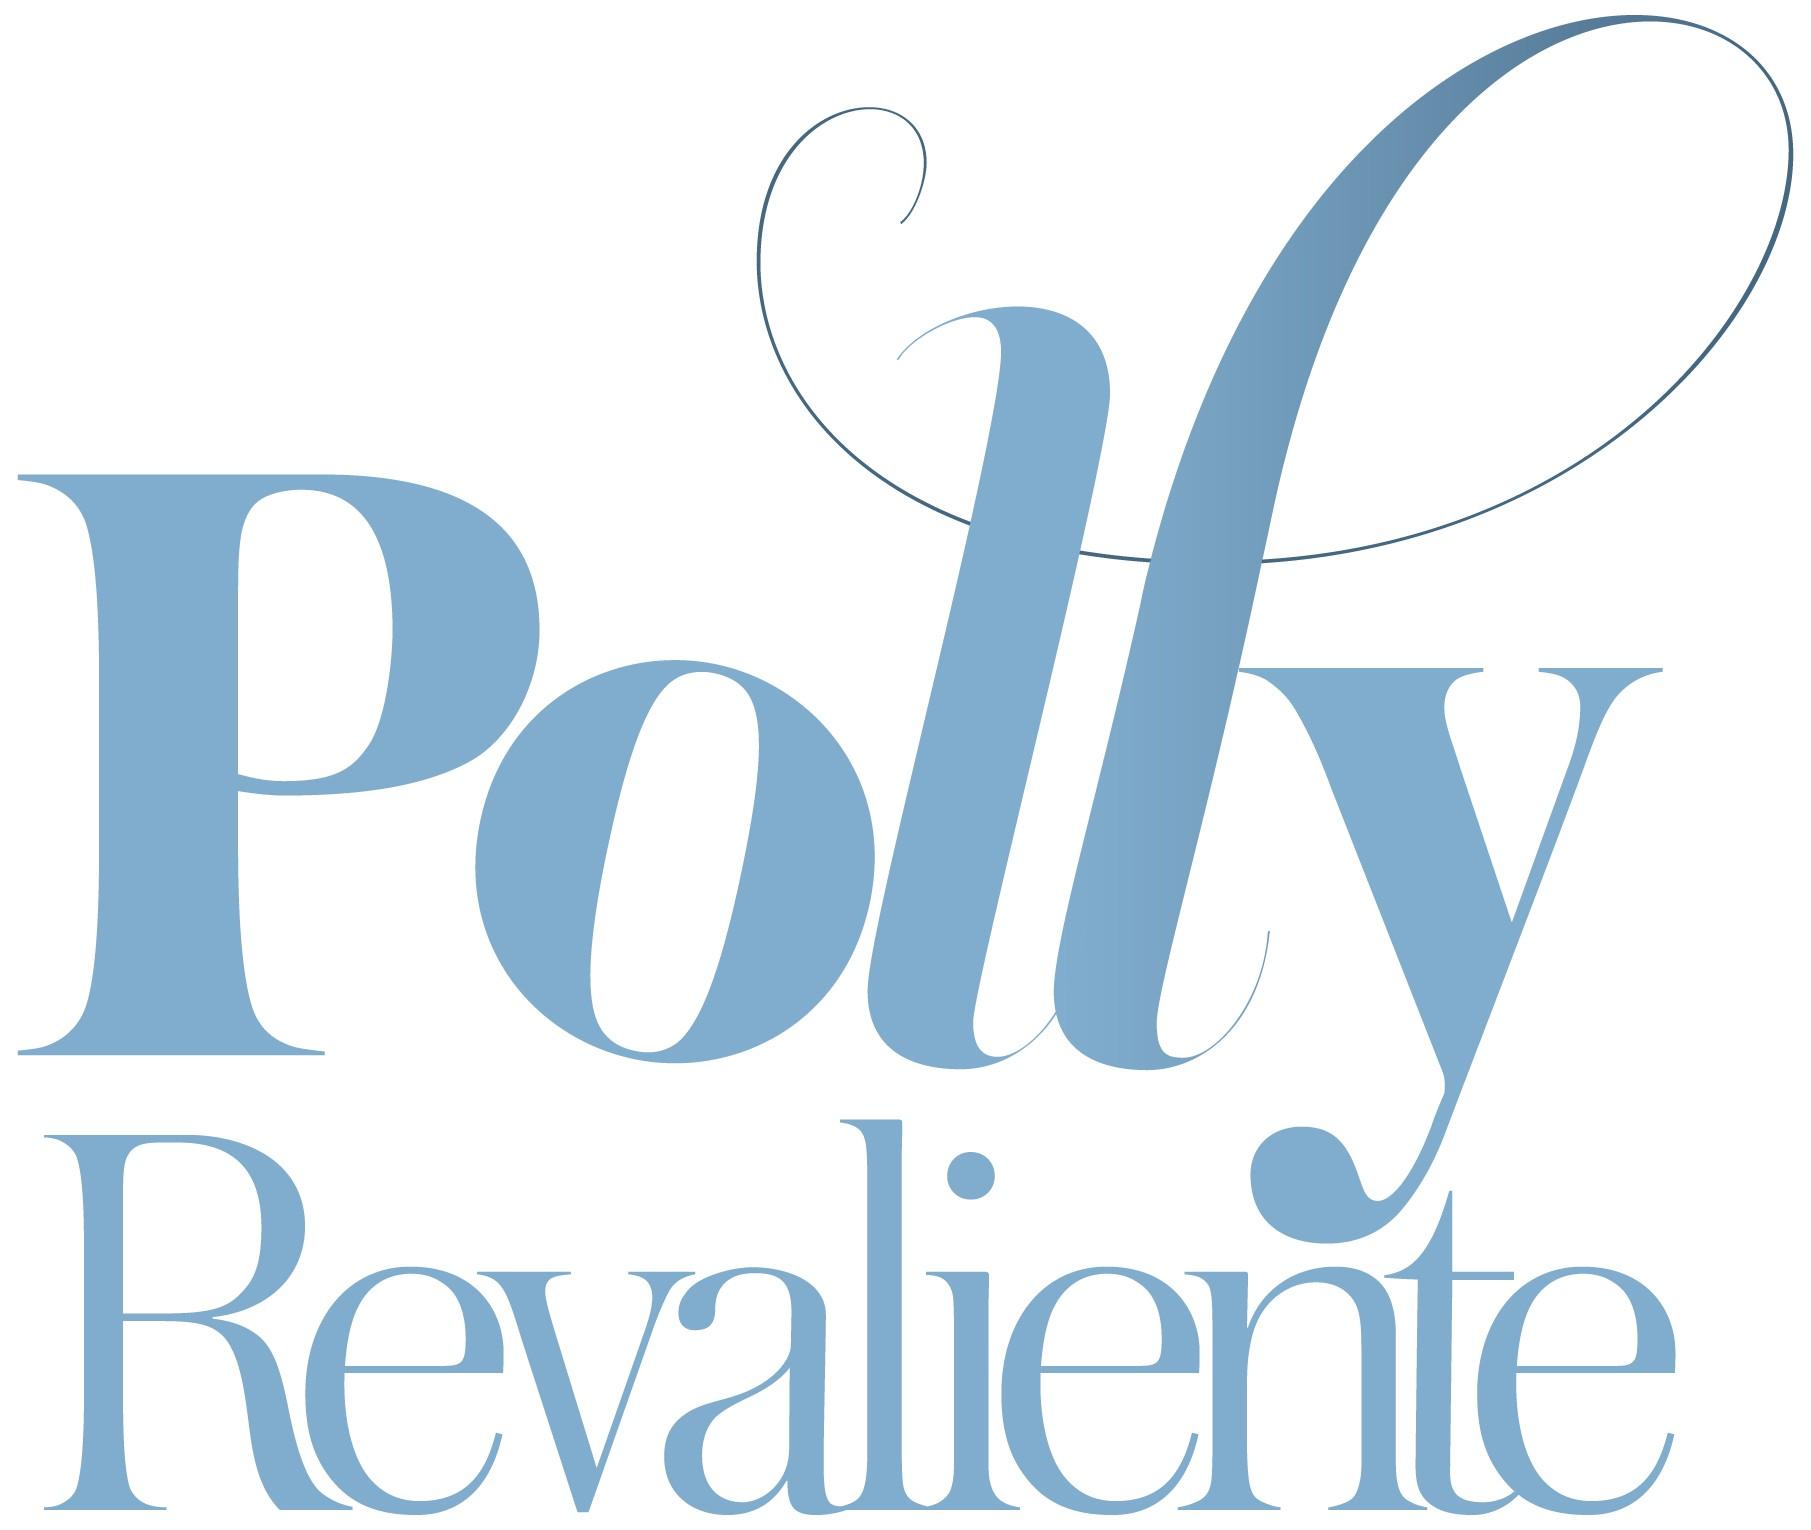 POLLY REVALIENTE